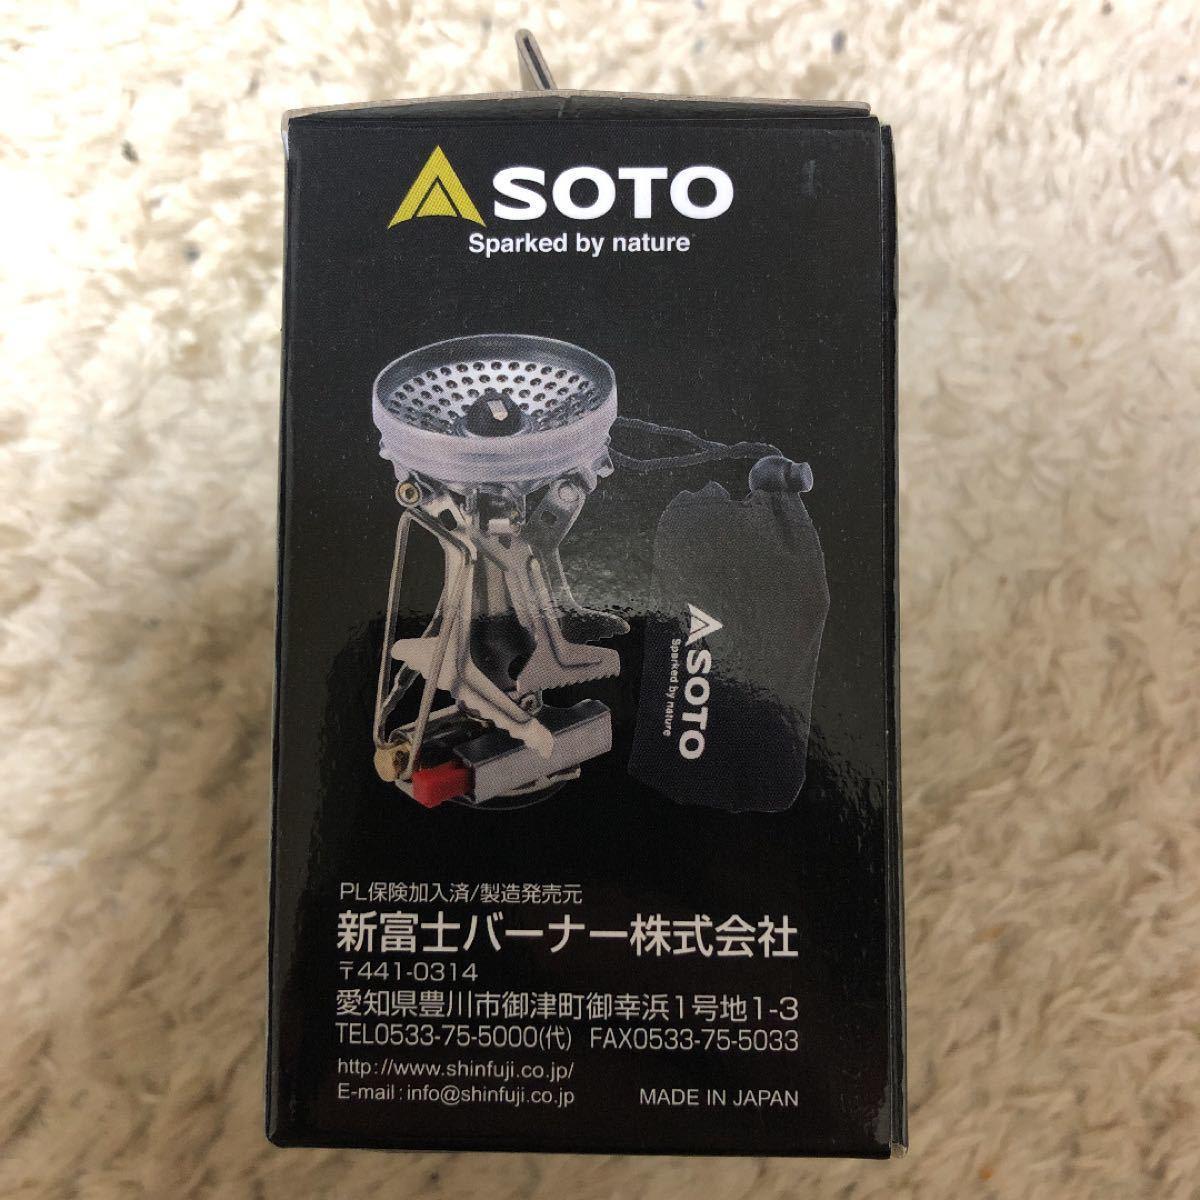 SOTO アミカス ガスバーナー シングルバーナー SOD-320